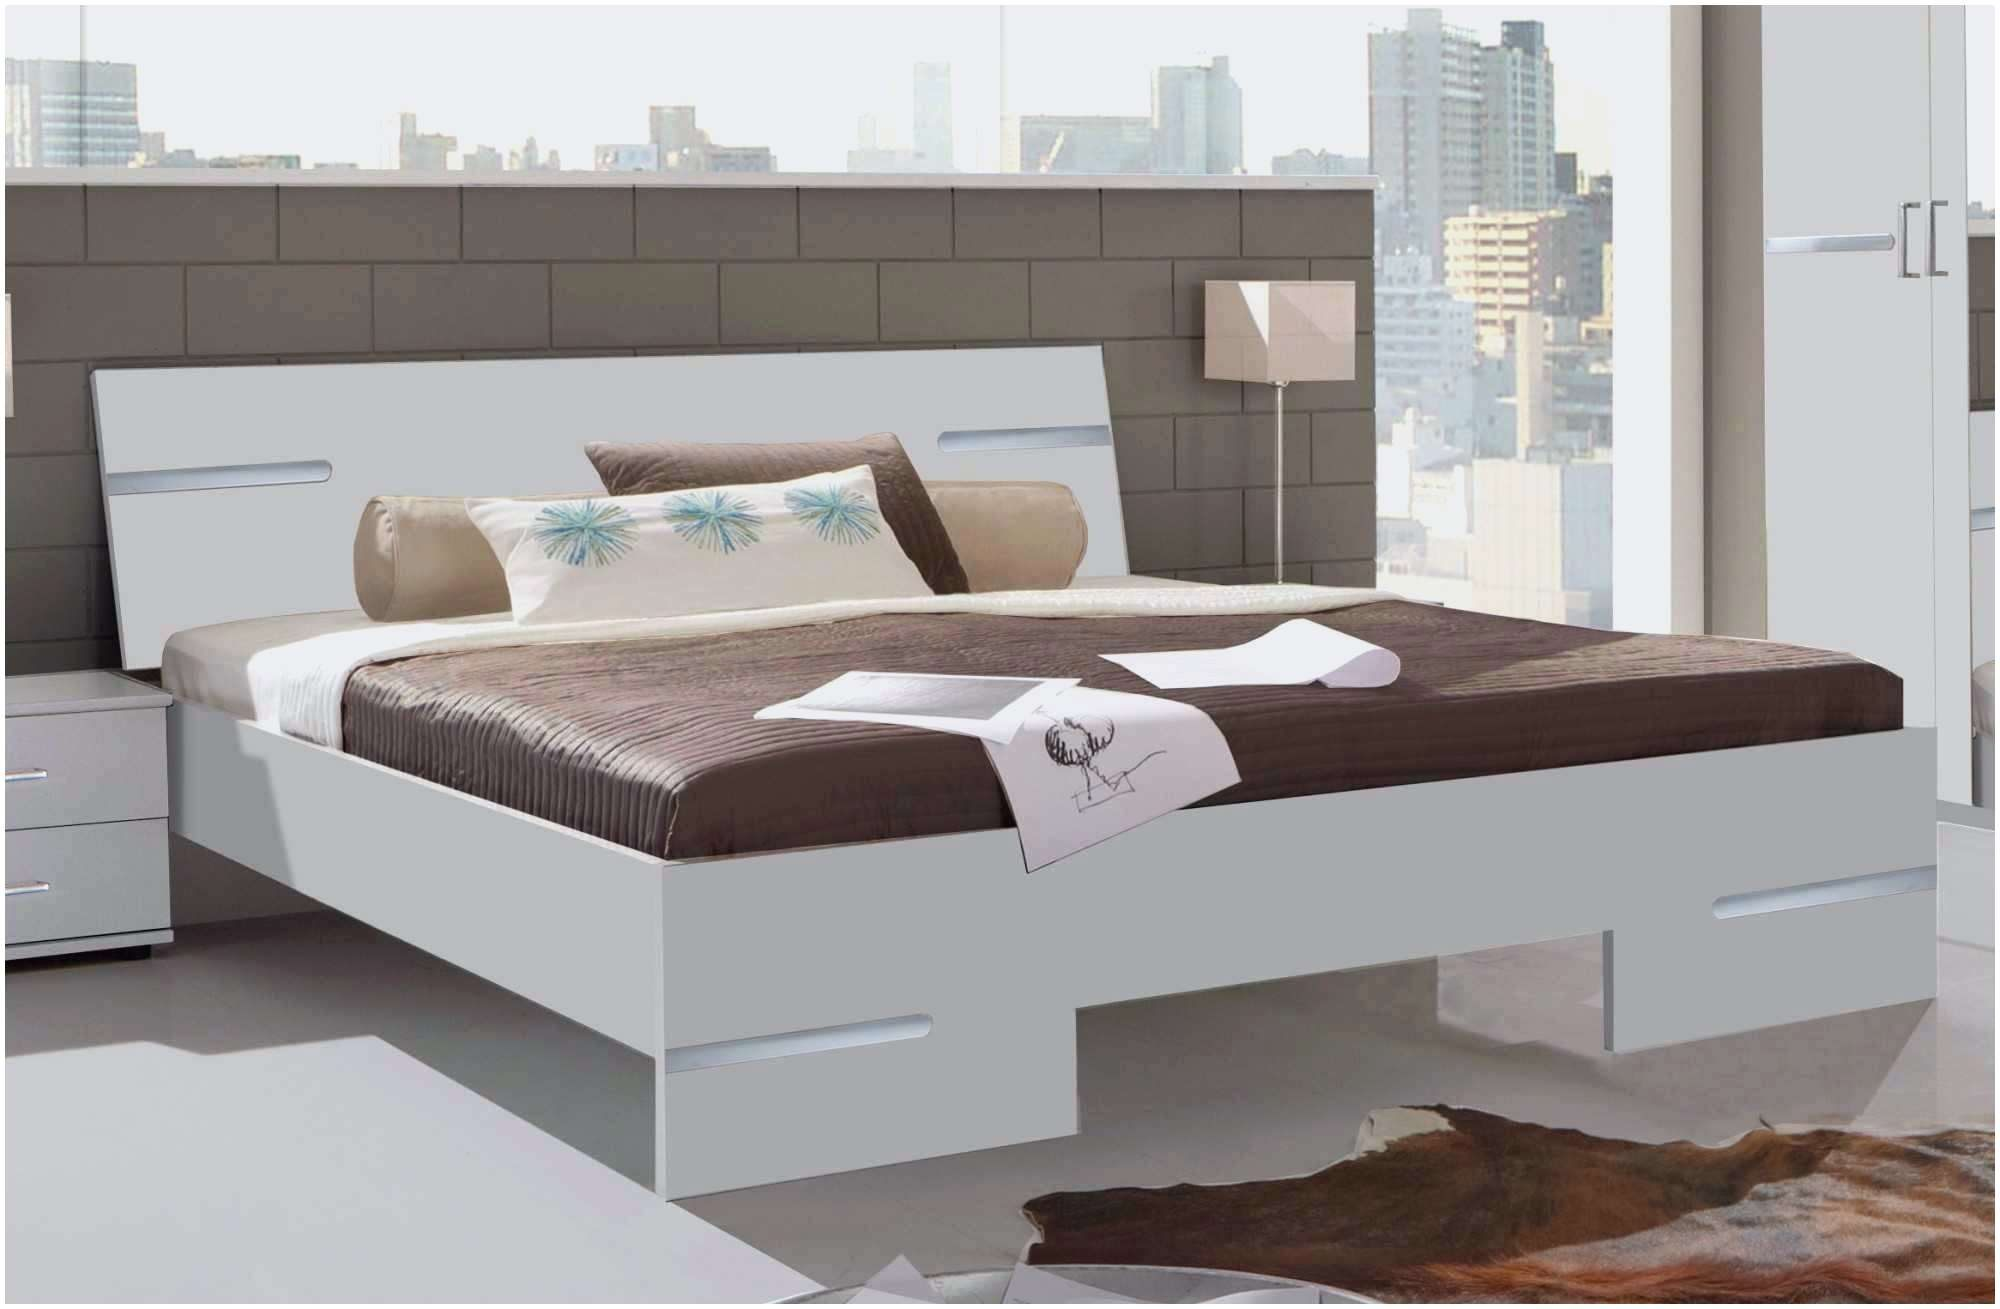 Canape Convertible Lit De Luxe Unique Table Relevable Ikea Luxe Lit Relevable Ikea Meilleur De